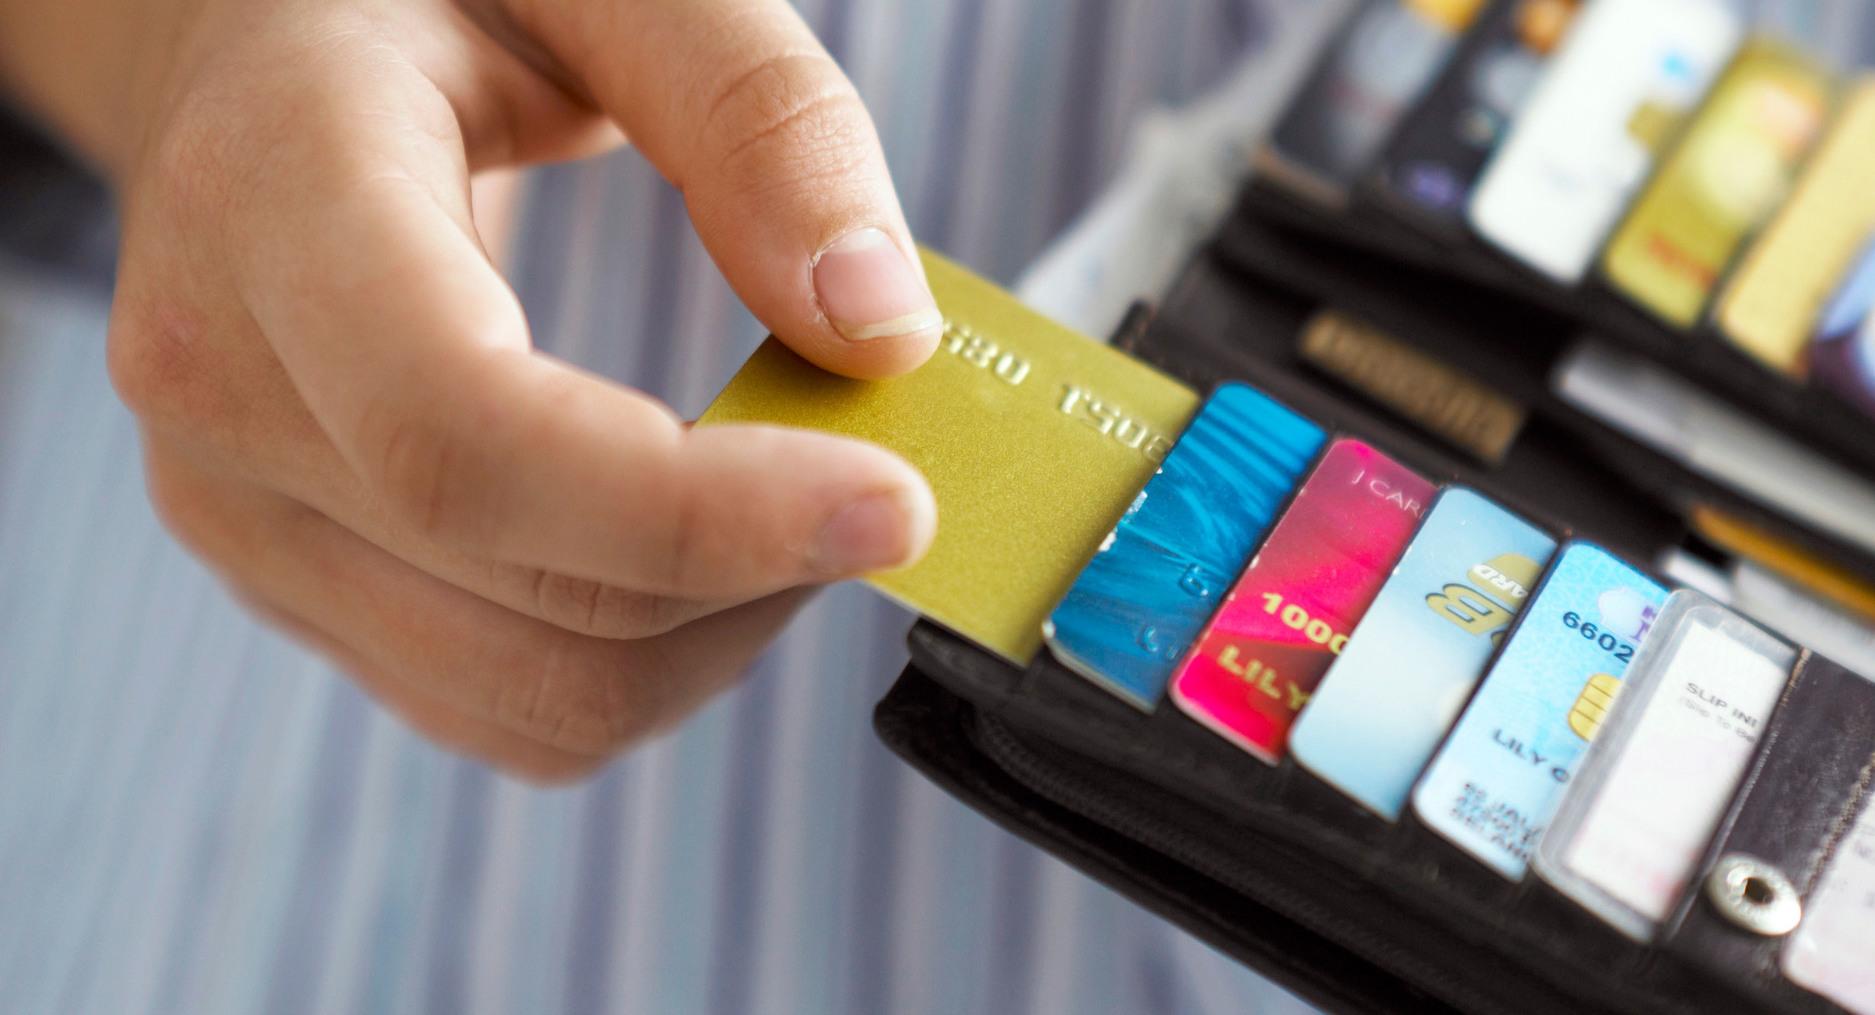 Manfaatkan Kartu Kredit Secara Bijak, Termasuk Faktor Gaji Awet !